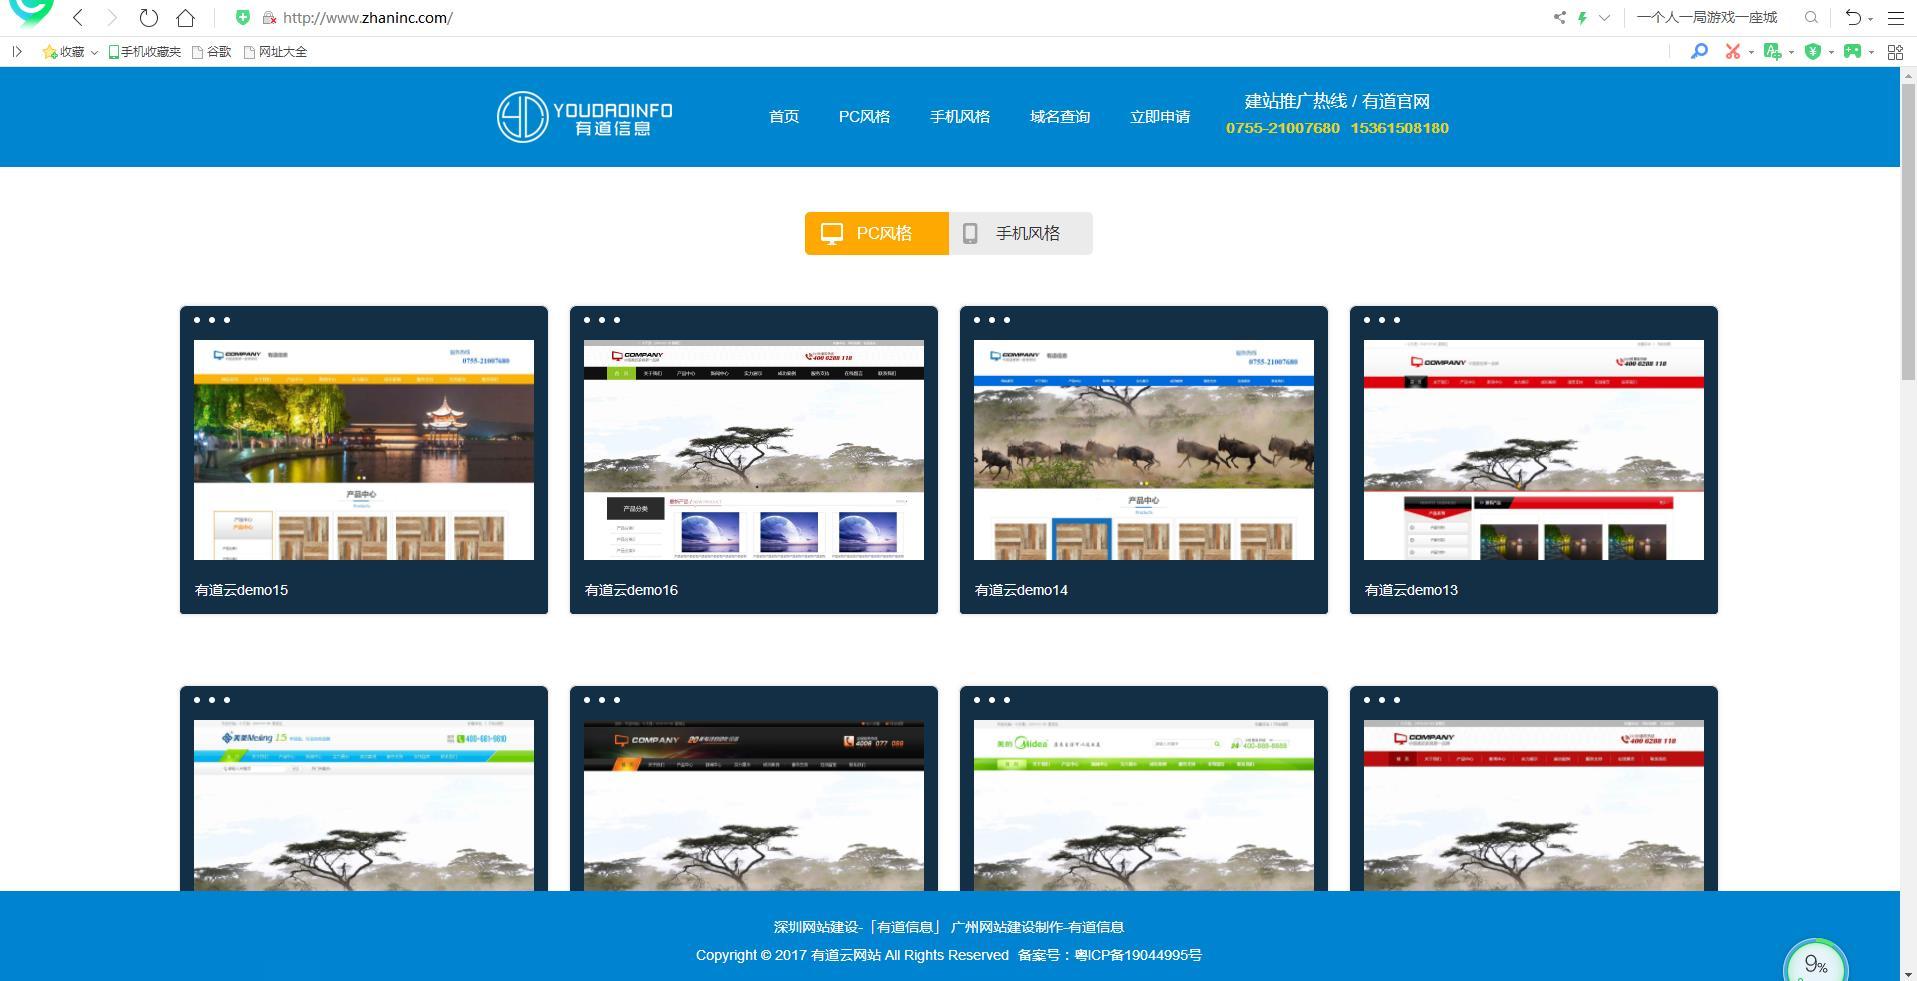 深圳有道信息技术有限公司正式推出有道信息模版网站2.0系统